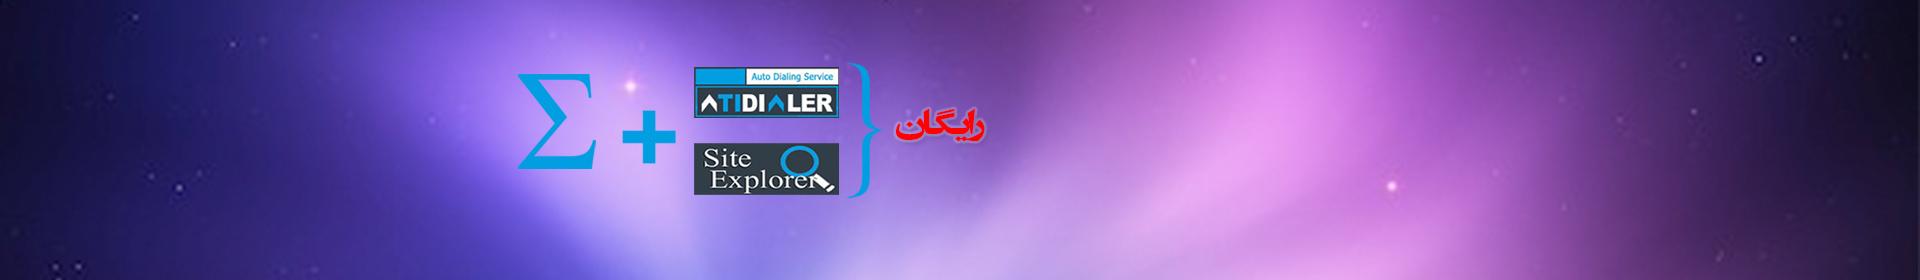 banner takhfif 4